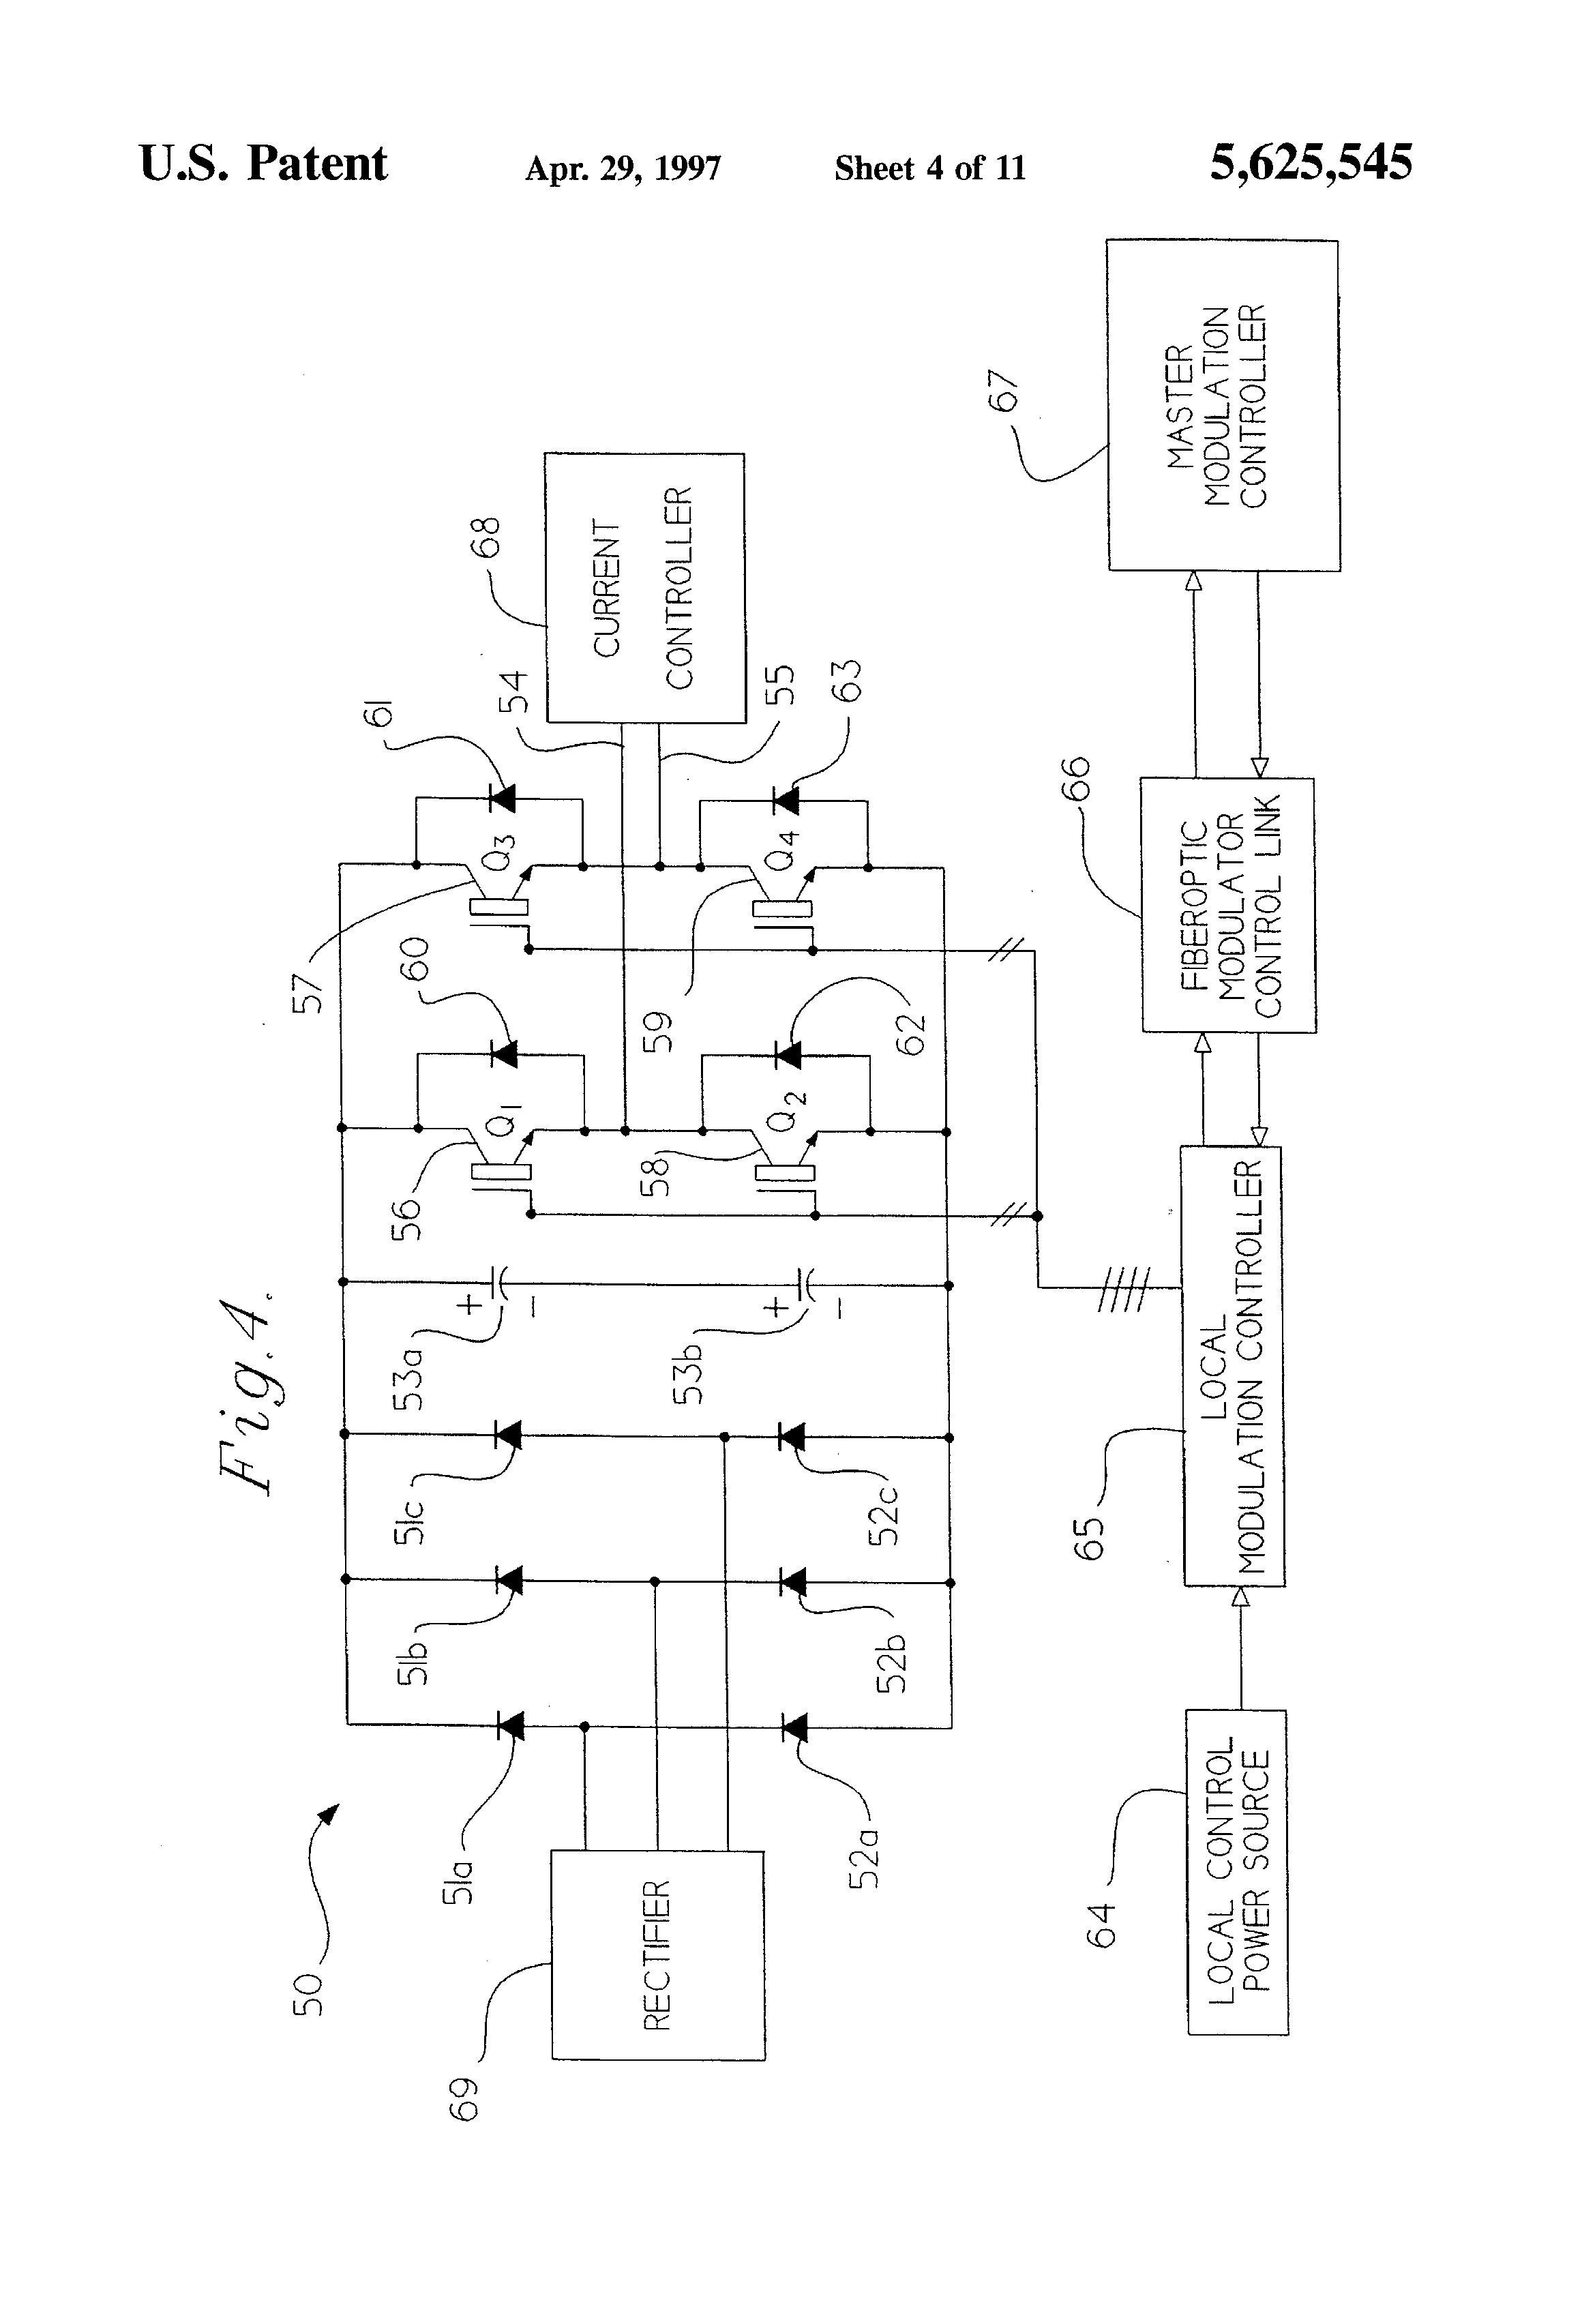 Westinghouse Ac Motor Wiring Diagram Peerless Motor Wiring Diagram Of Westinghouse Ac Motor Wiring Diagram